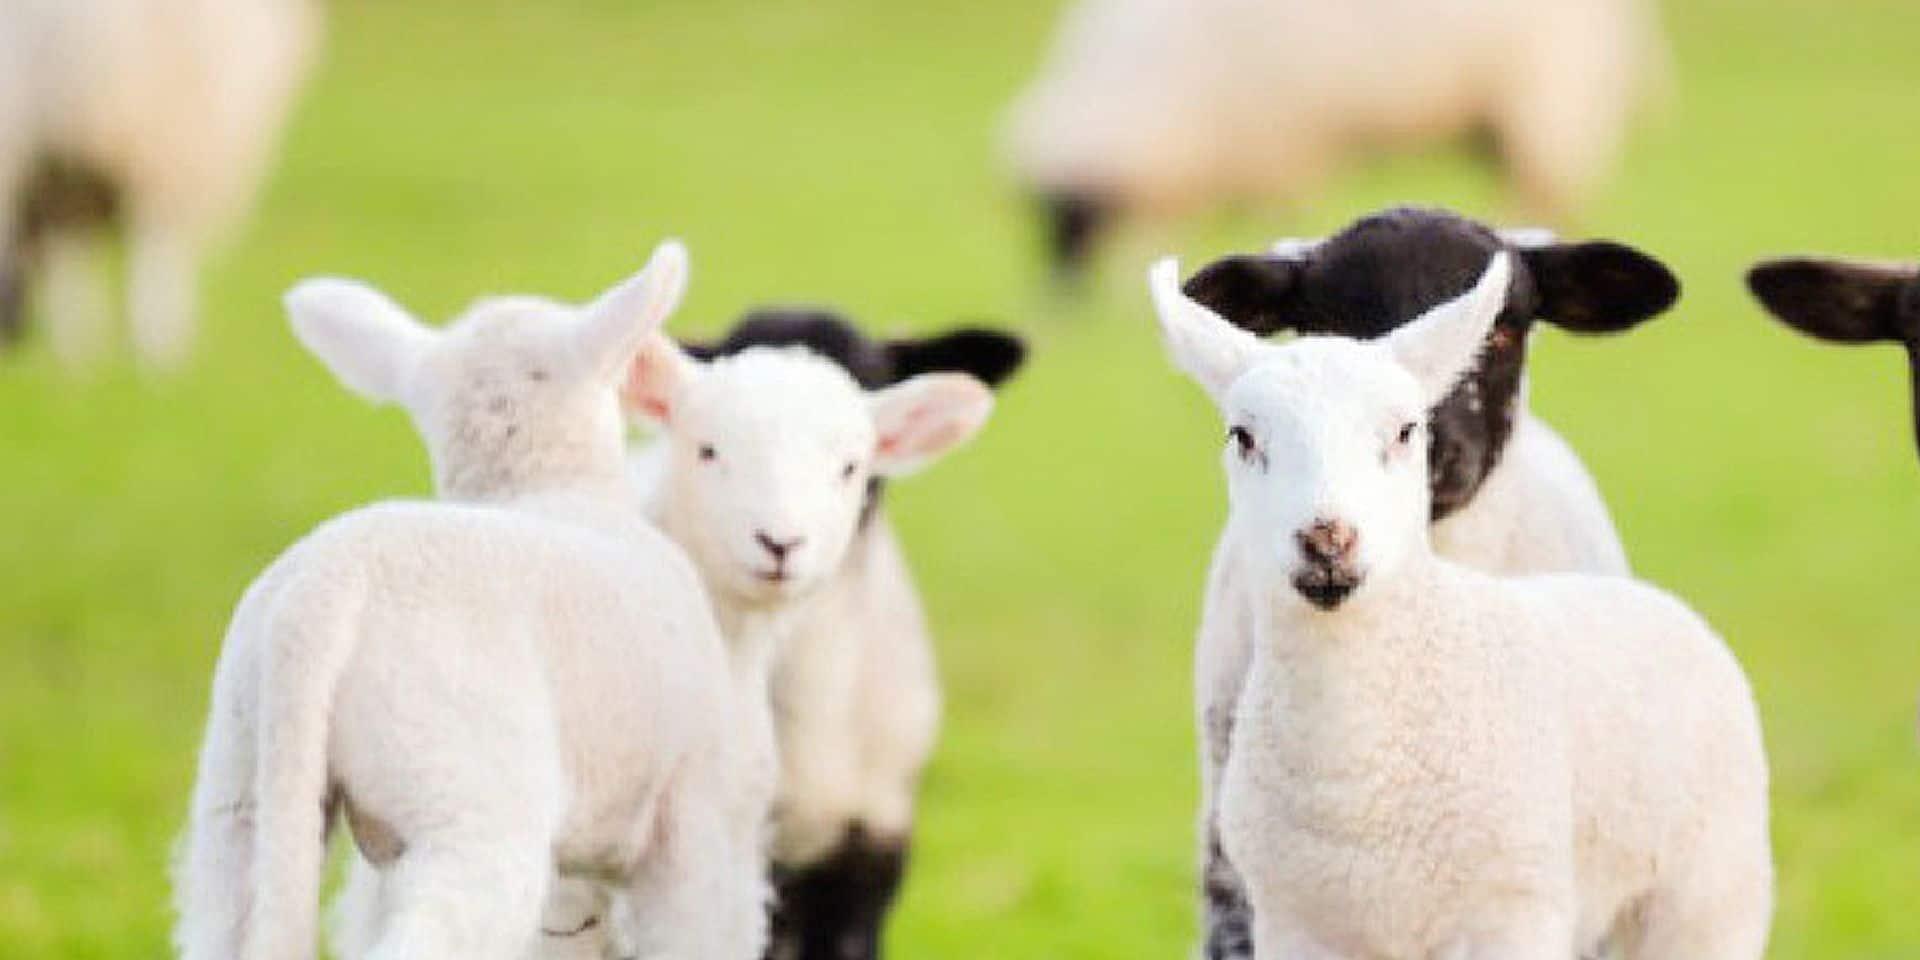 Le charme gourmand de l'agneau britannique